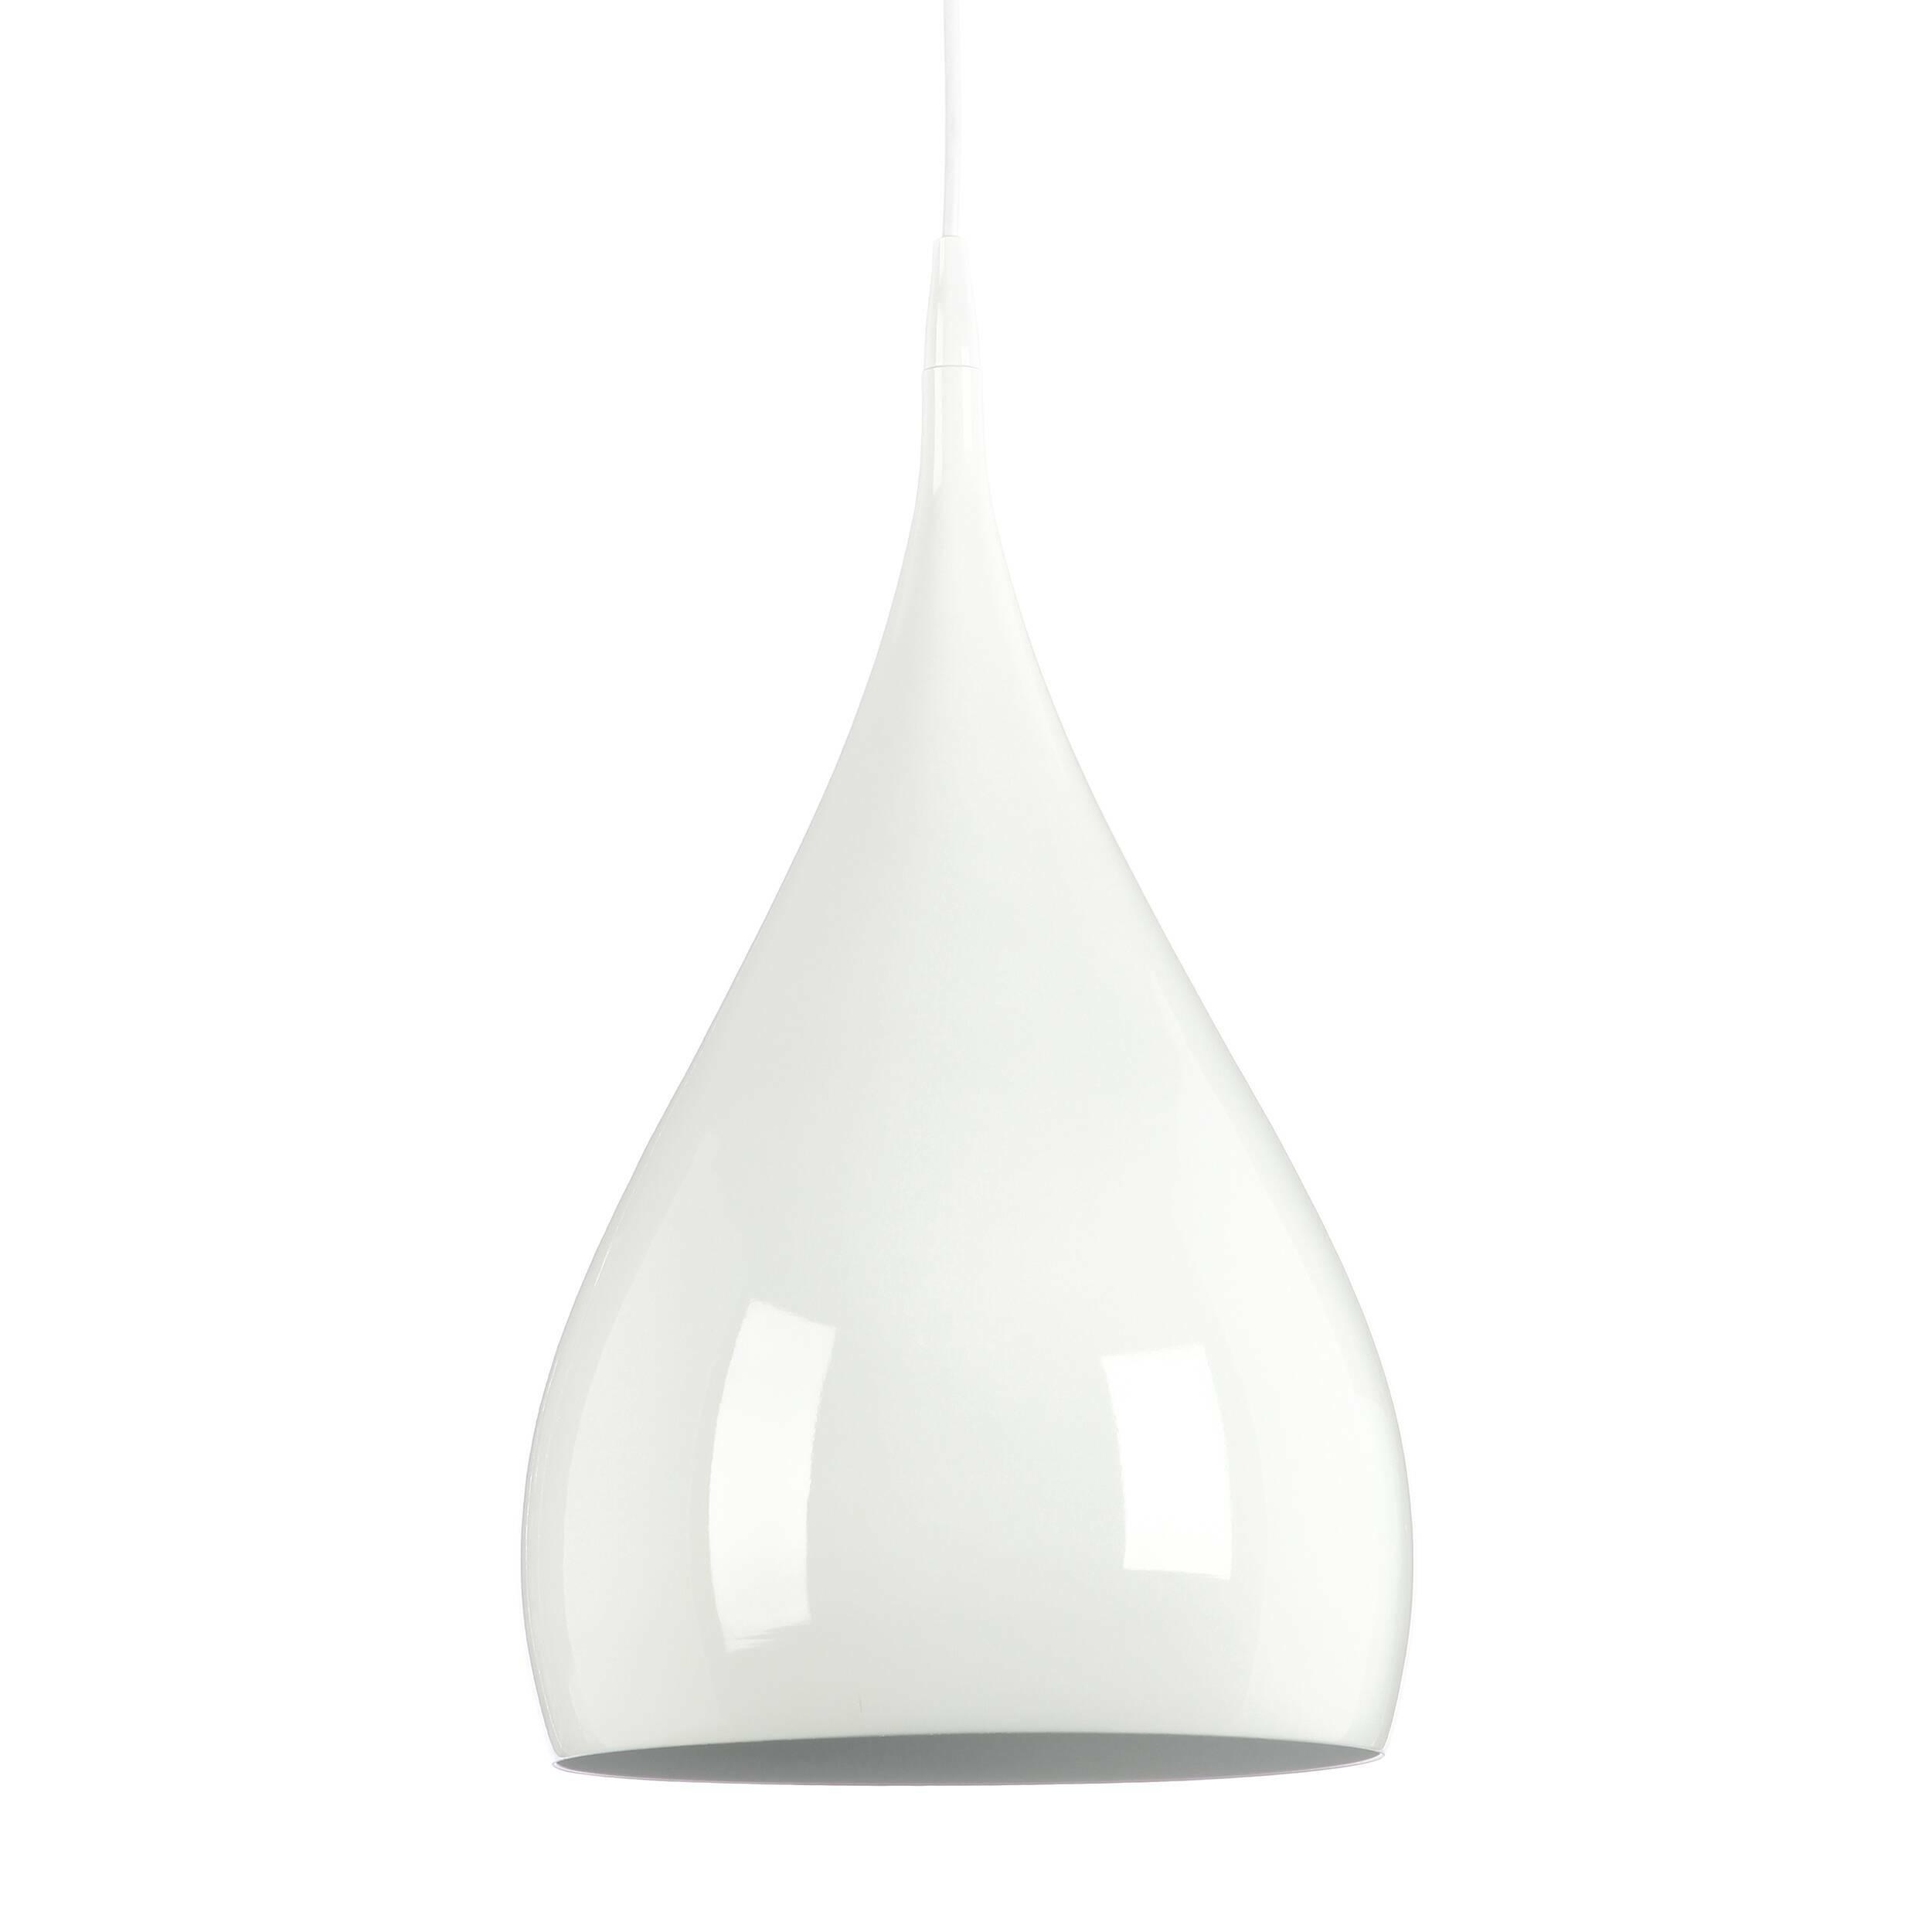 Подвесной светильник Spinning  BH1Подвесные<br>На создание подобной формы люстры, способной наполнить положительными эмоциями, дизайнера вдохновила любимая игрушка детства — волчок. В модели подвесного светильника Spinning сочетание формы и назначения преподносится в новой марене. Глянец, соблазнительность и надёжность, которые объединяются воедино в светильнике Spinning претендуют на право называться новой классикой. Дизайнер Бенджамин Хьюберт всегда тщательно ищет неожиданные решения и необычные материалы для своих работ, не торопяс...<br><br>stock: 0<br>Высота: 150<br>Диаметр: 25<br>Количество ламп: 1<br>Материал абажура: Алюминий<br>Мощность лампы: 60<br>Ламп в комплекте: Нет<br>Напряжение: 220<br>Тип лампы/цоколь: E27<br>Цвет абажура: Белый